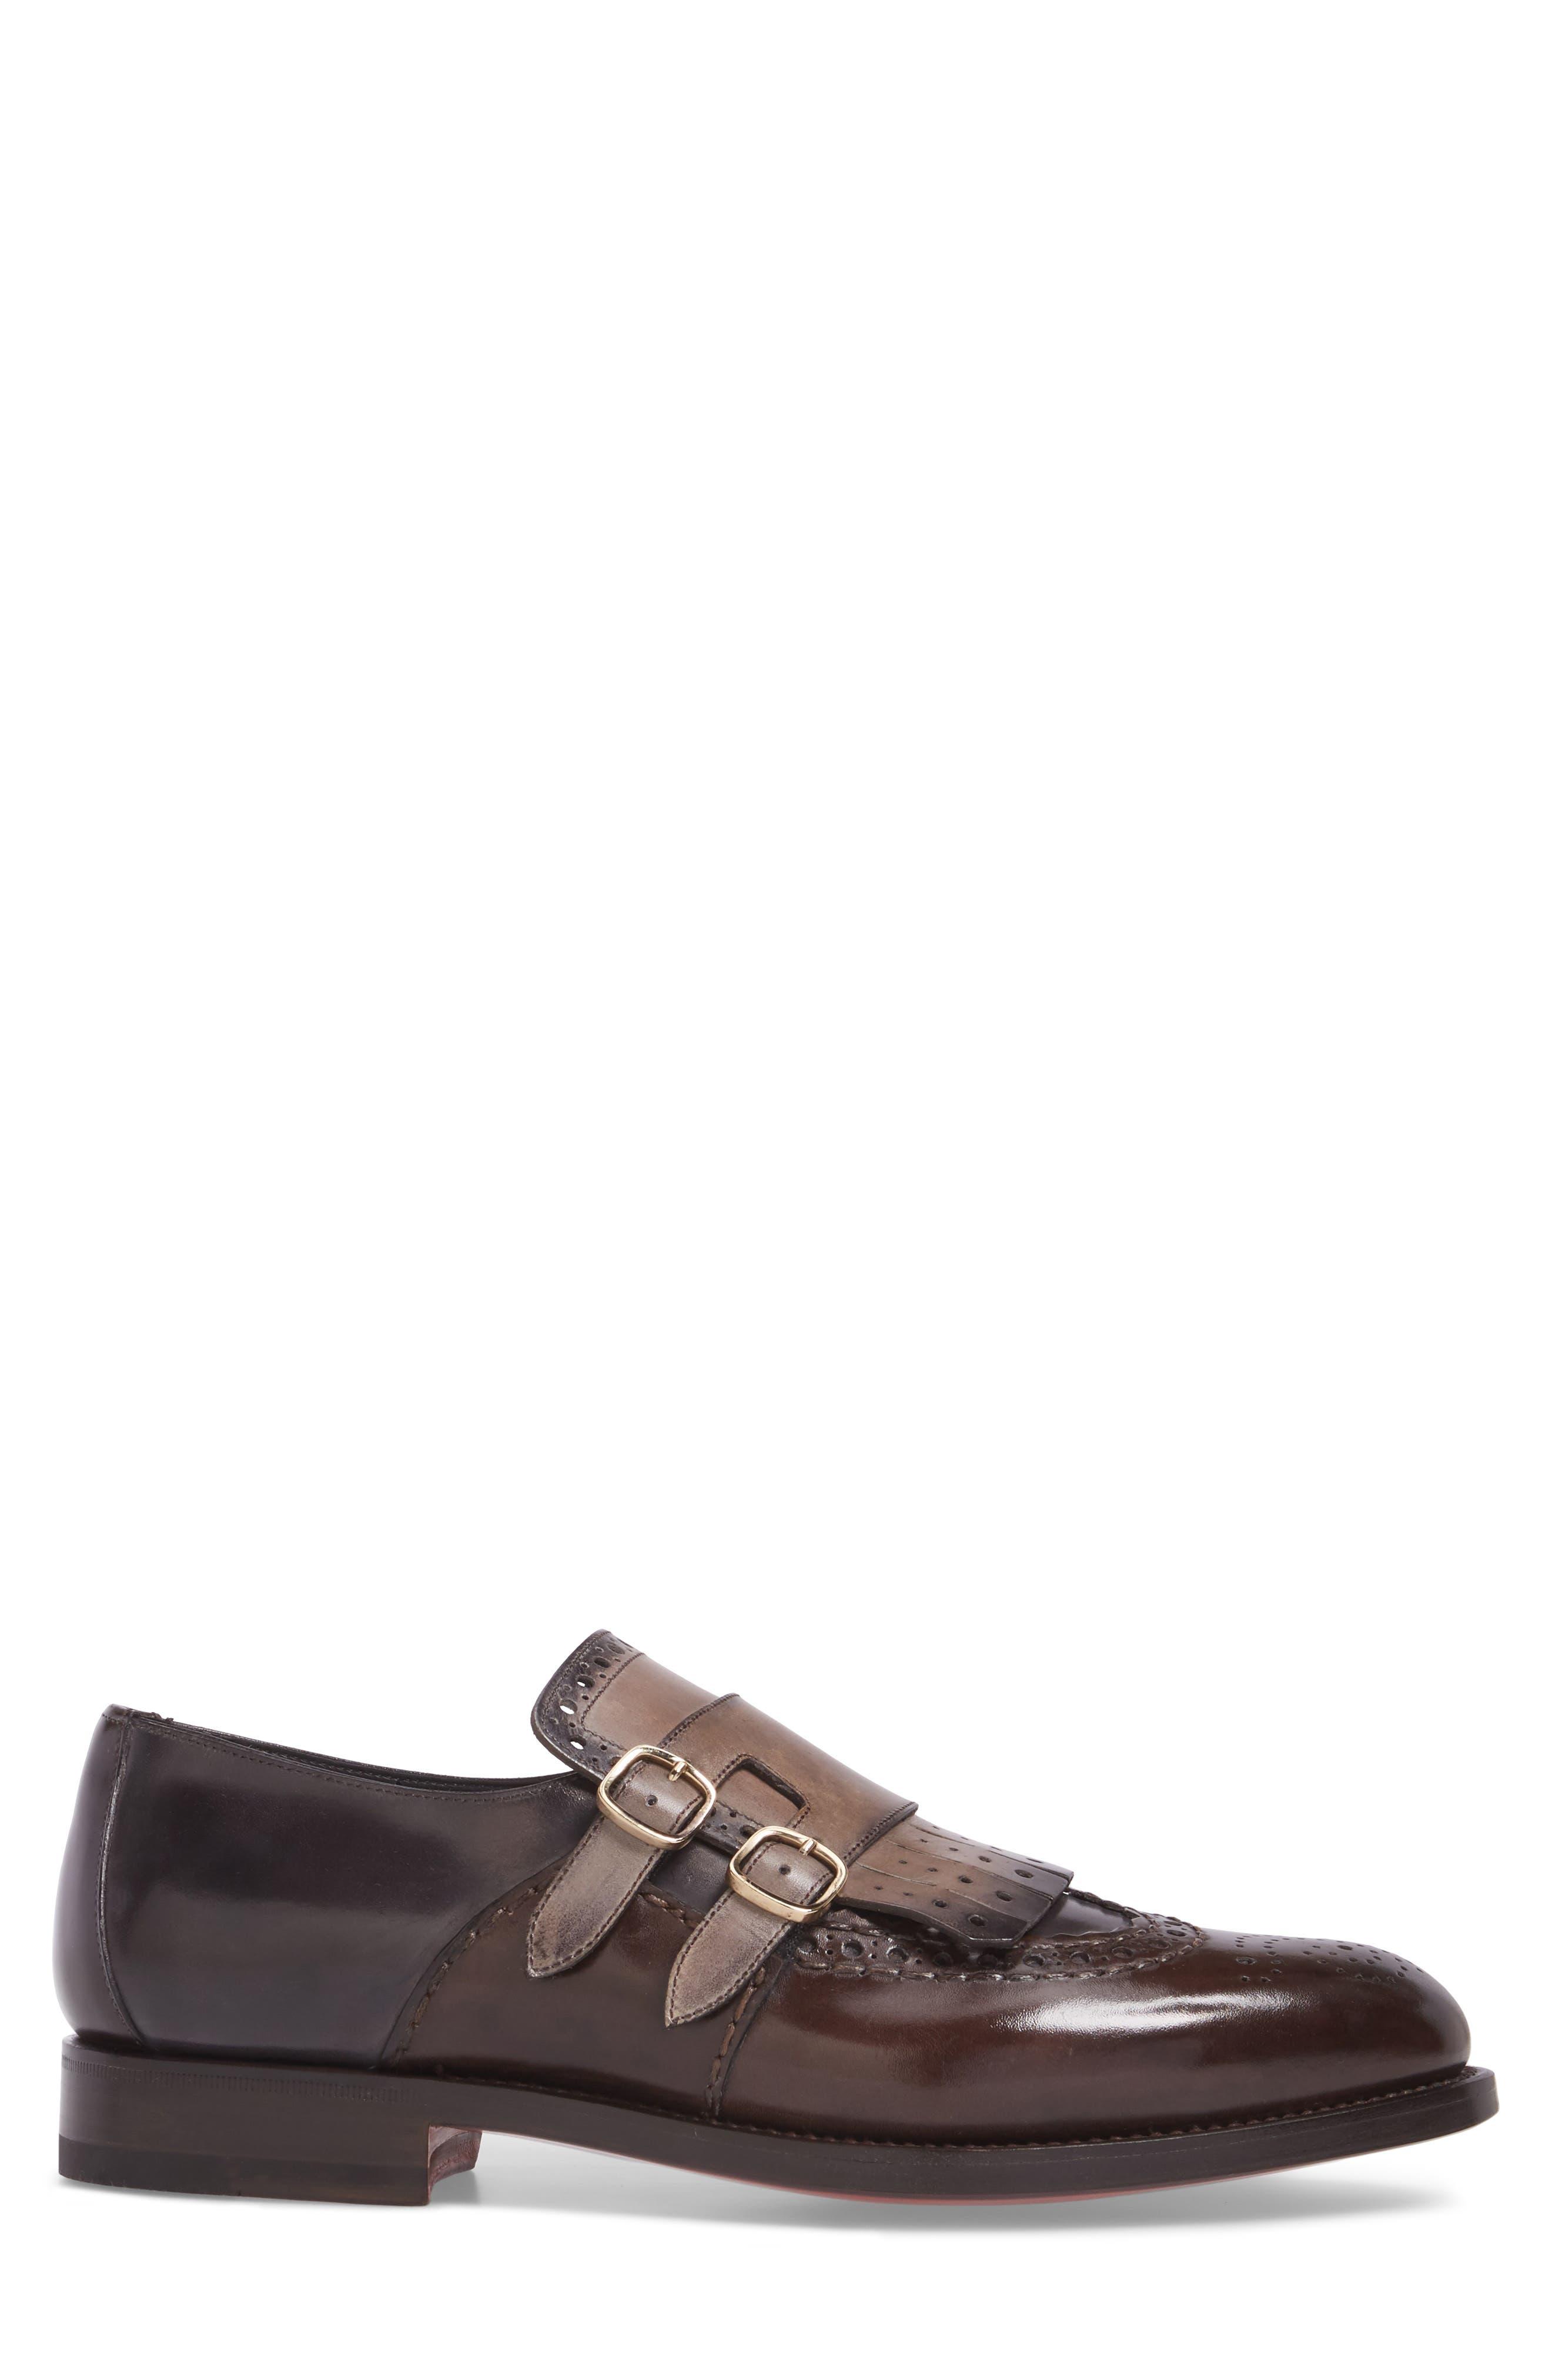 Goodwin Double Monk Strap Shoe,                             Alternate thumbnail 3, color,                             030